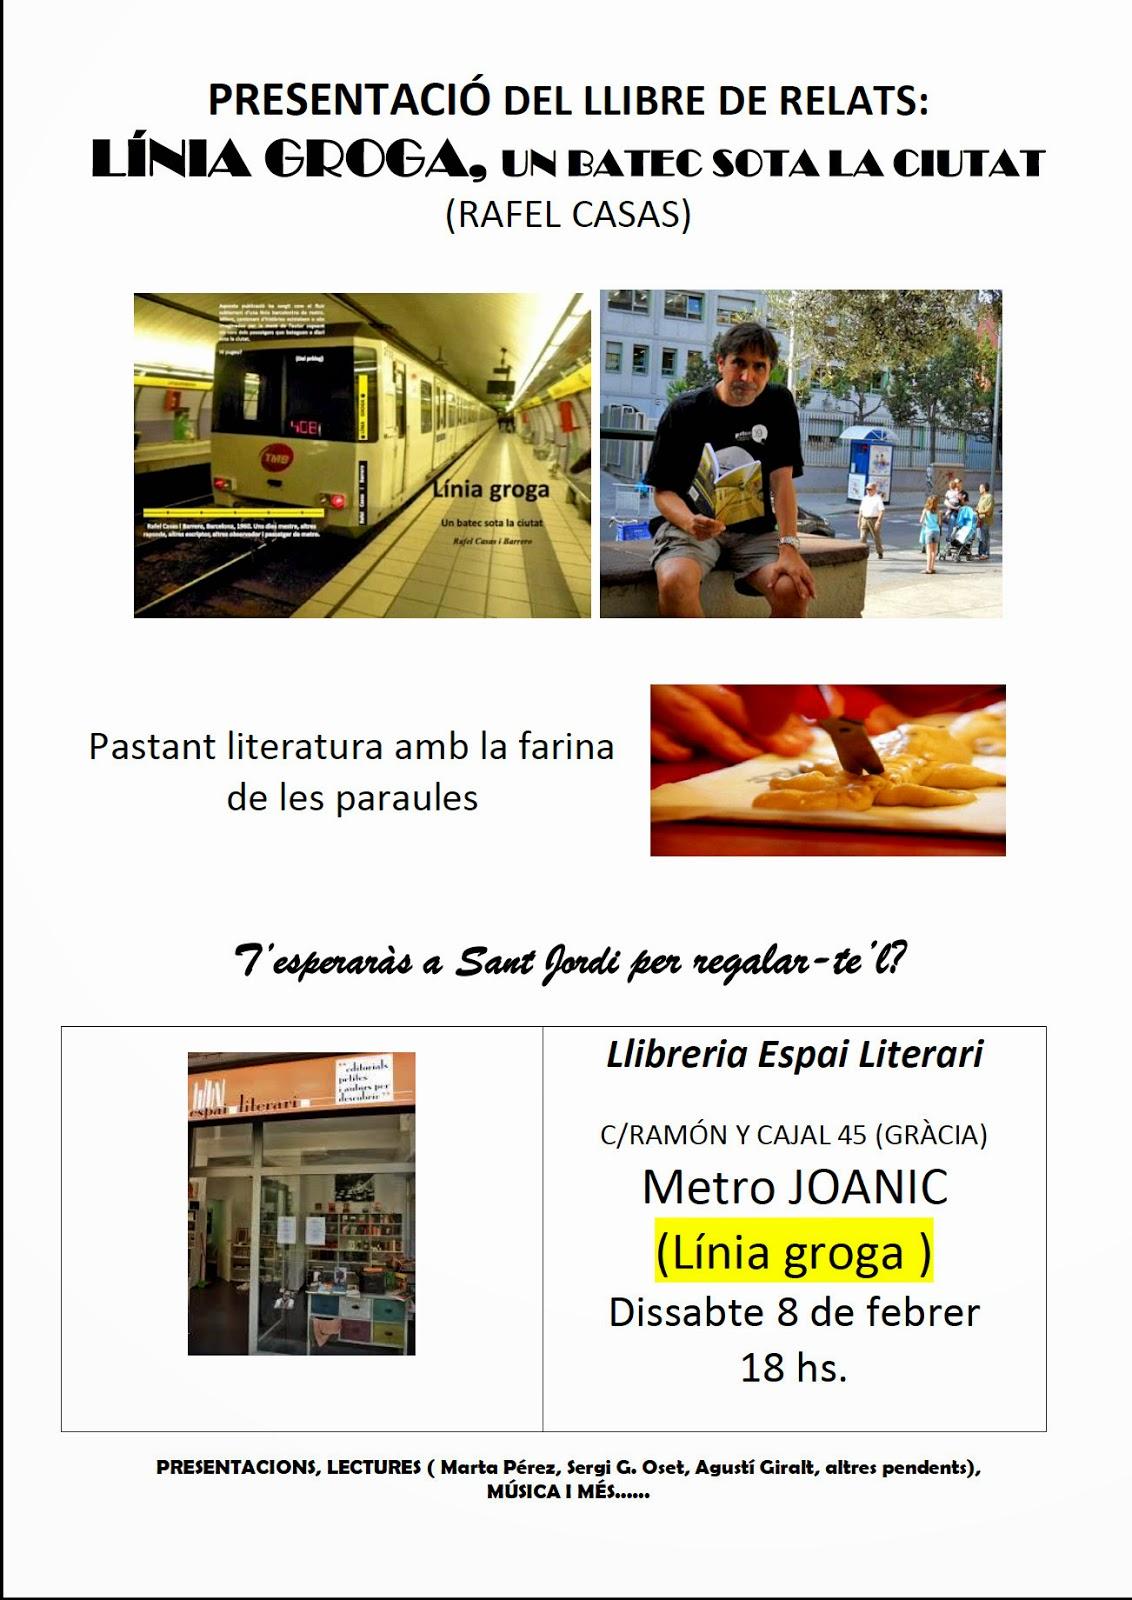 la meva perdici  Presentaci de Lnia Groga de Rafel Casas Llibreria Espai Literari 080214